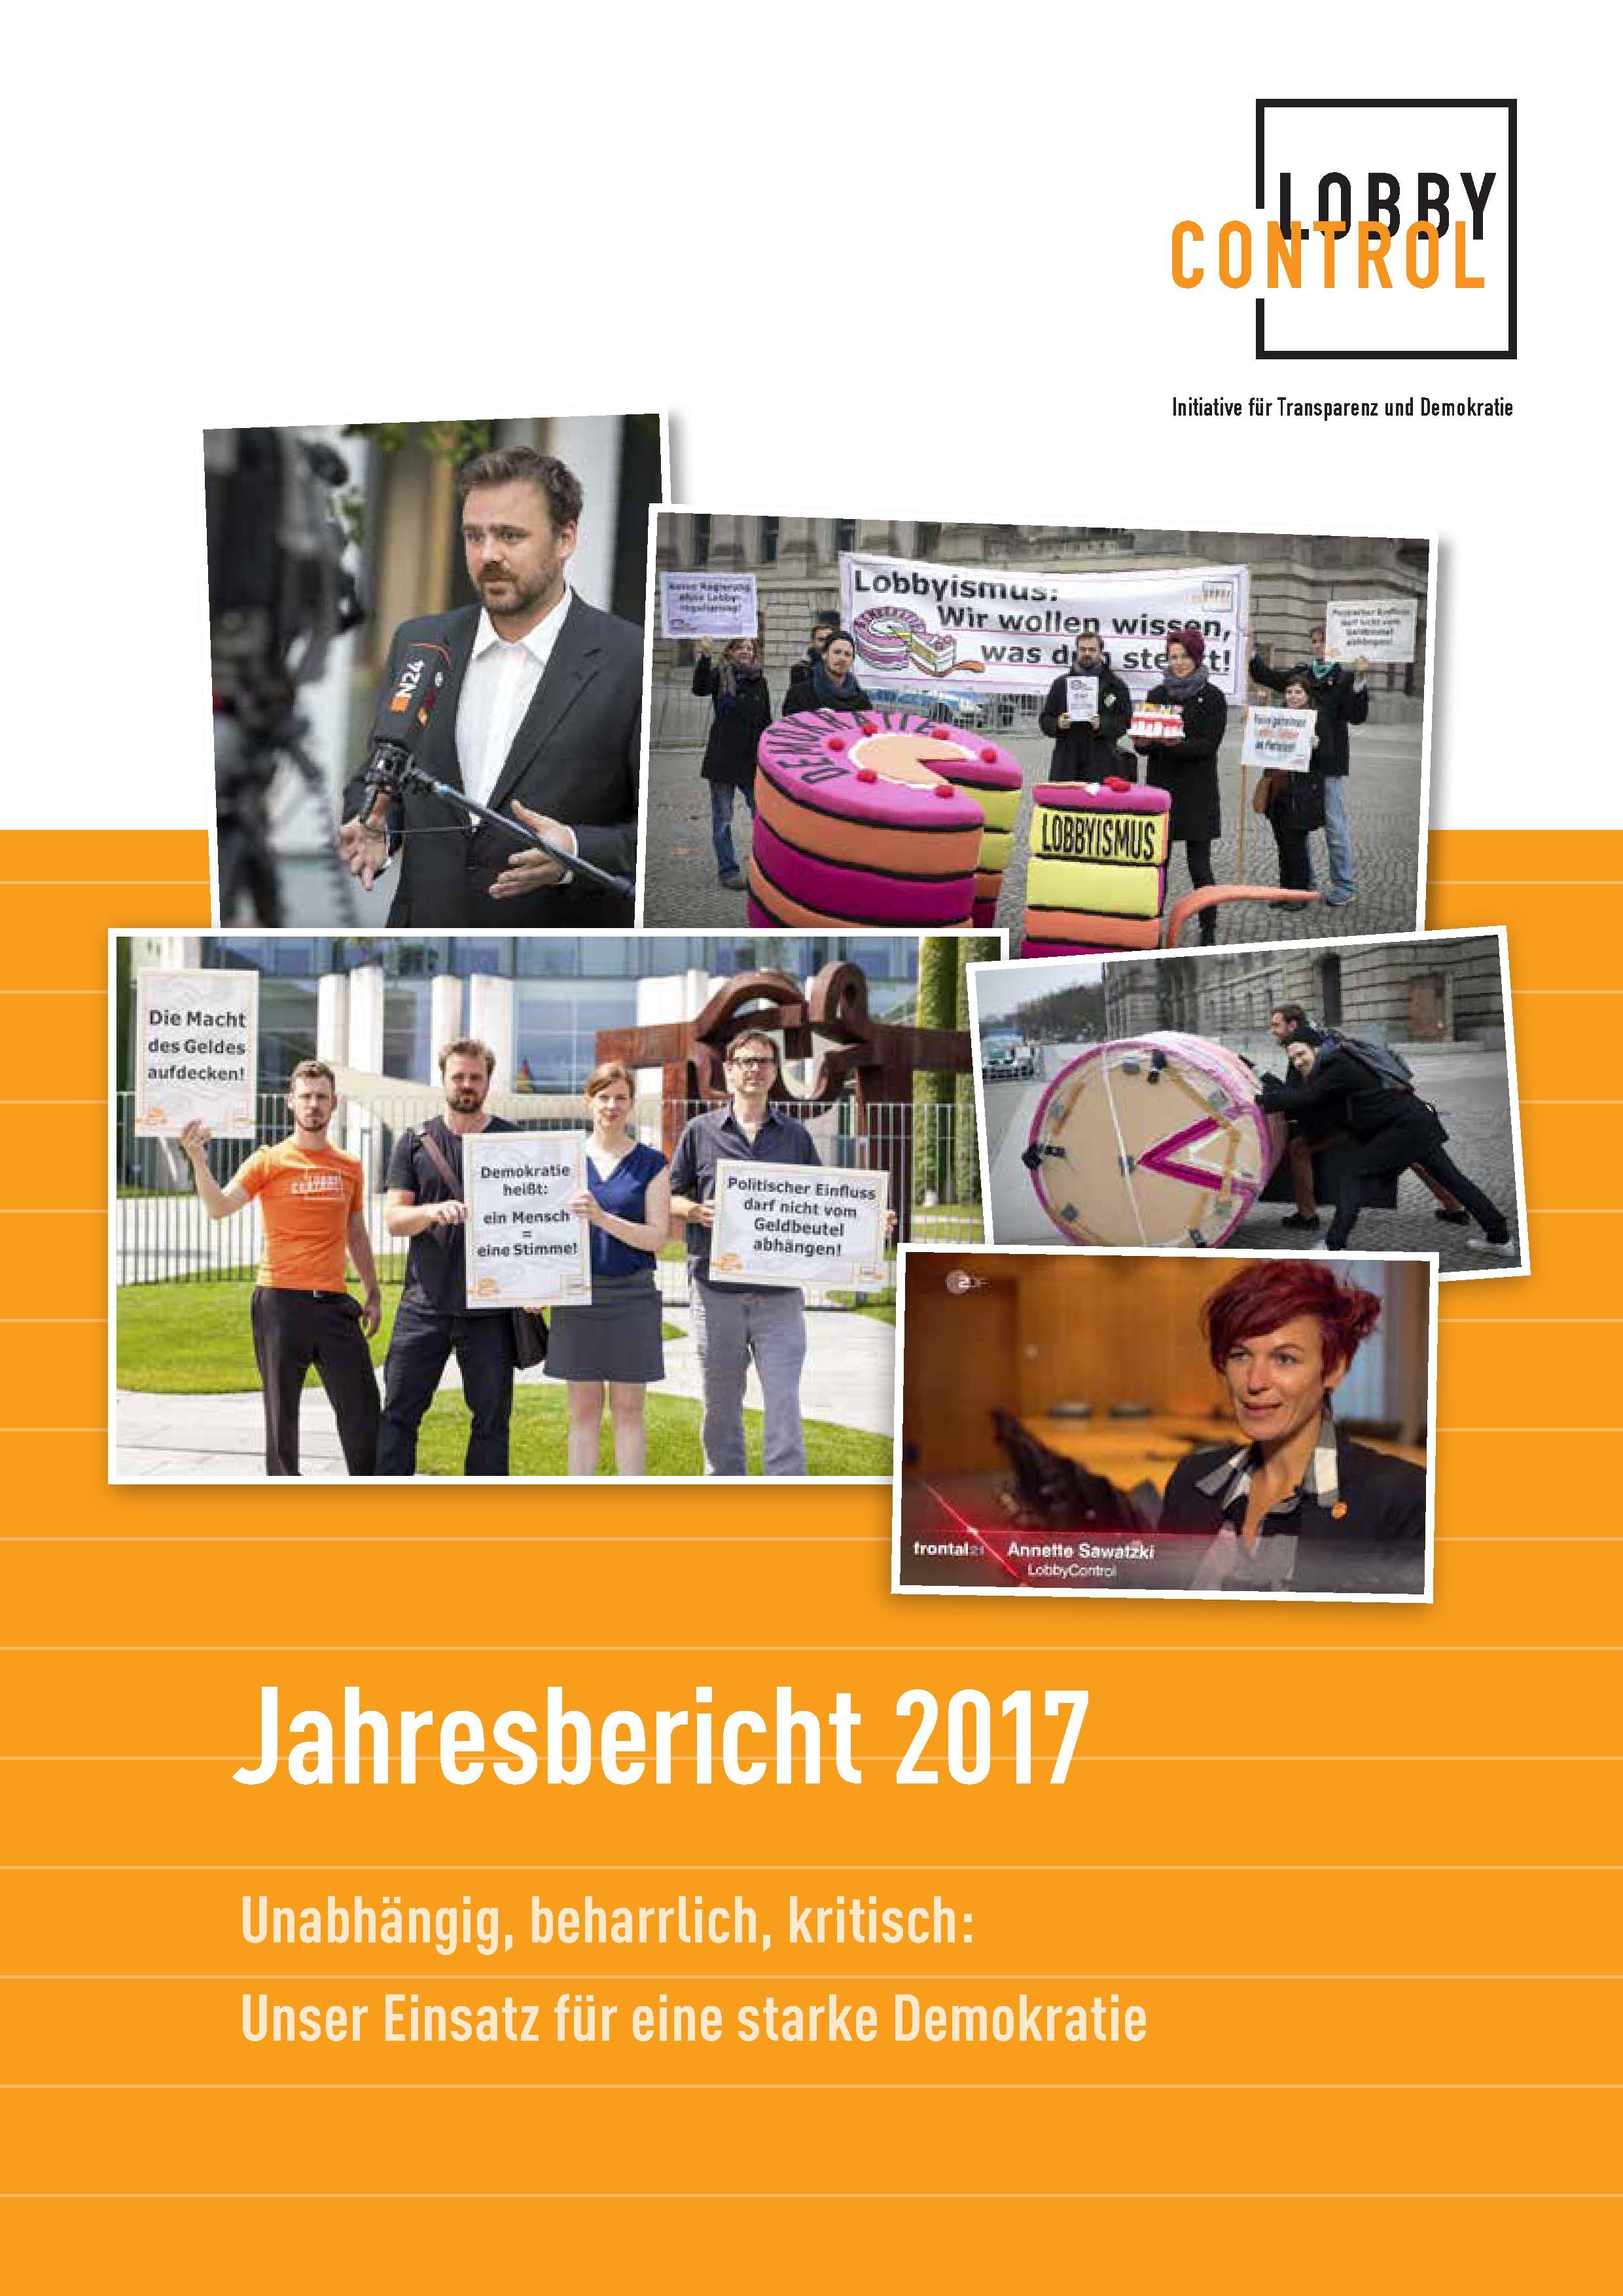 Jahresbericht 2017 von LobbyControl